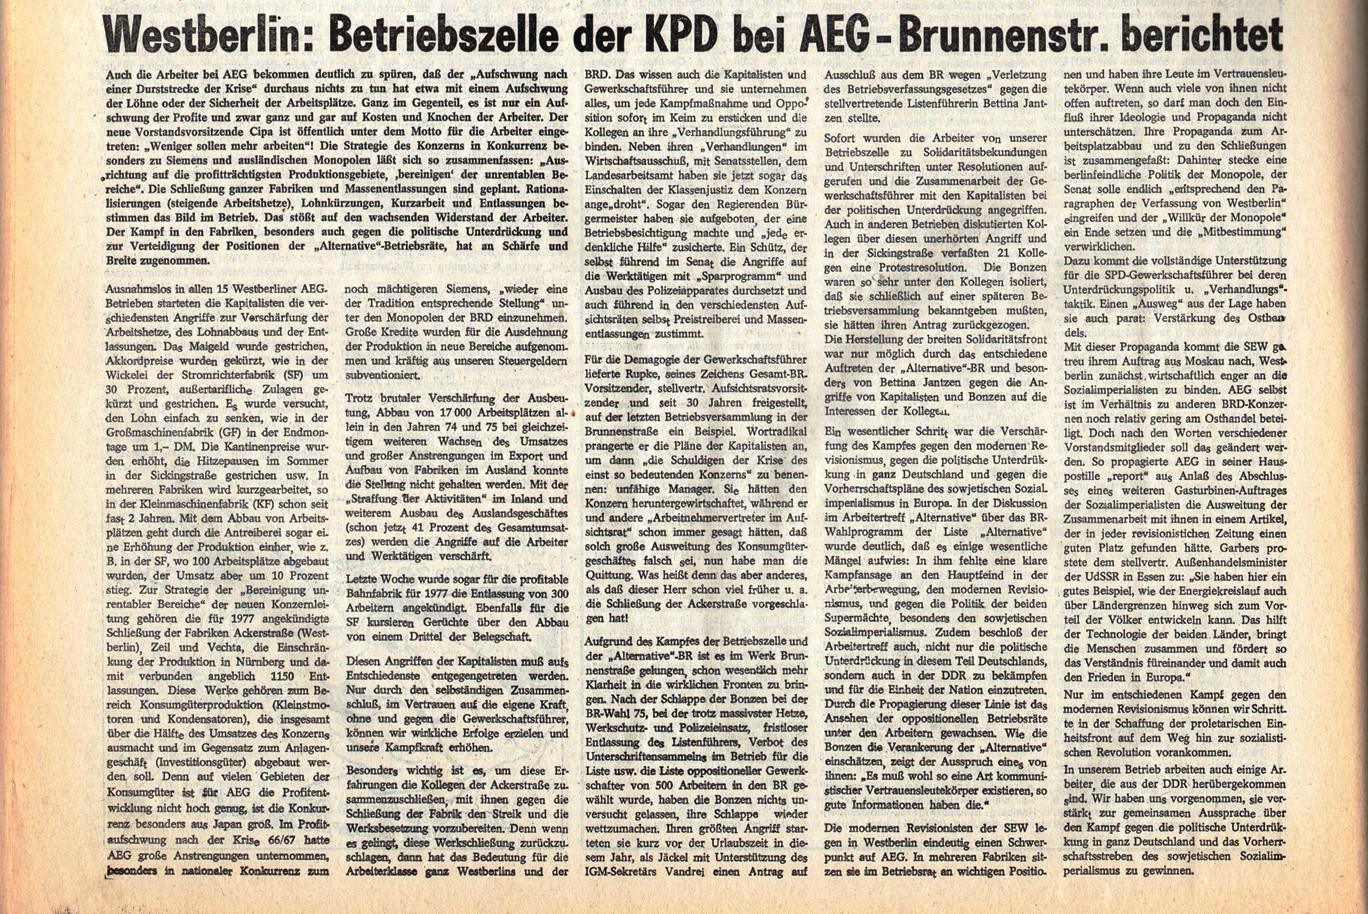 KPD_Rote_Fahne_1976_51_08